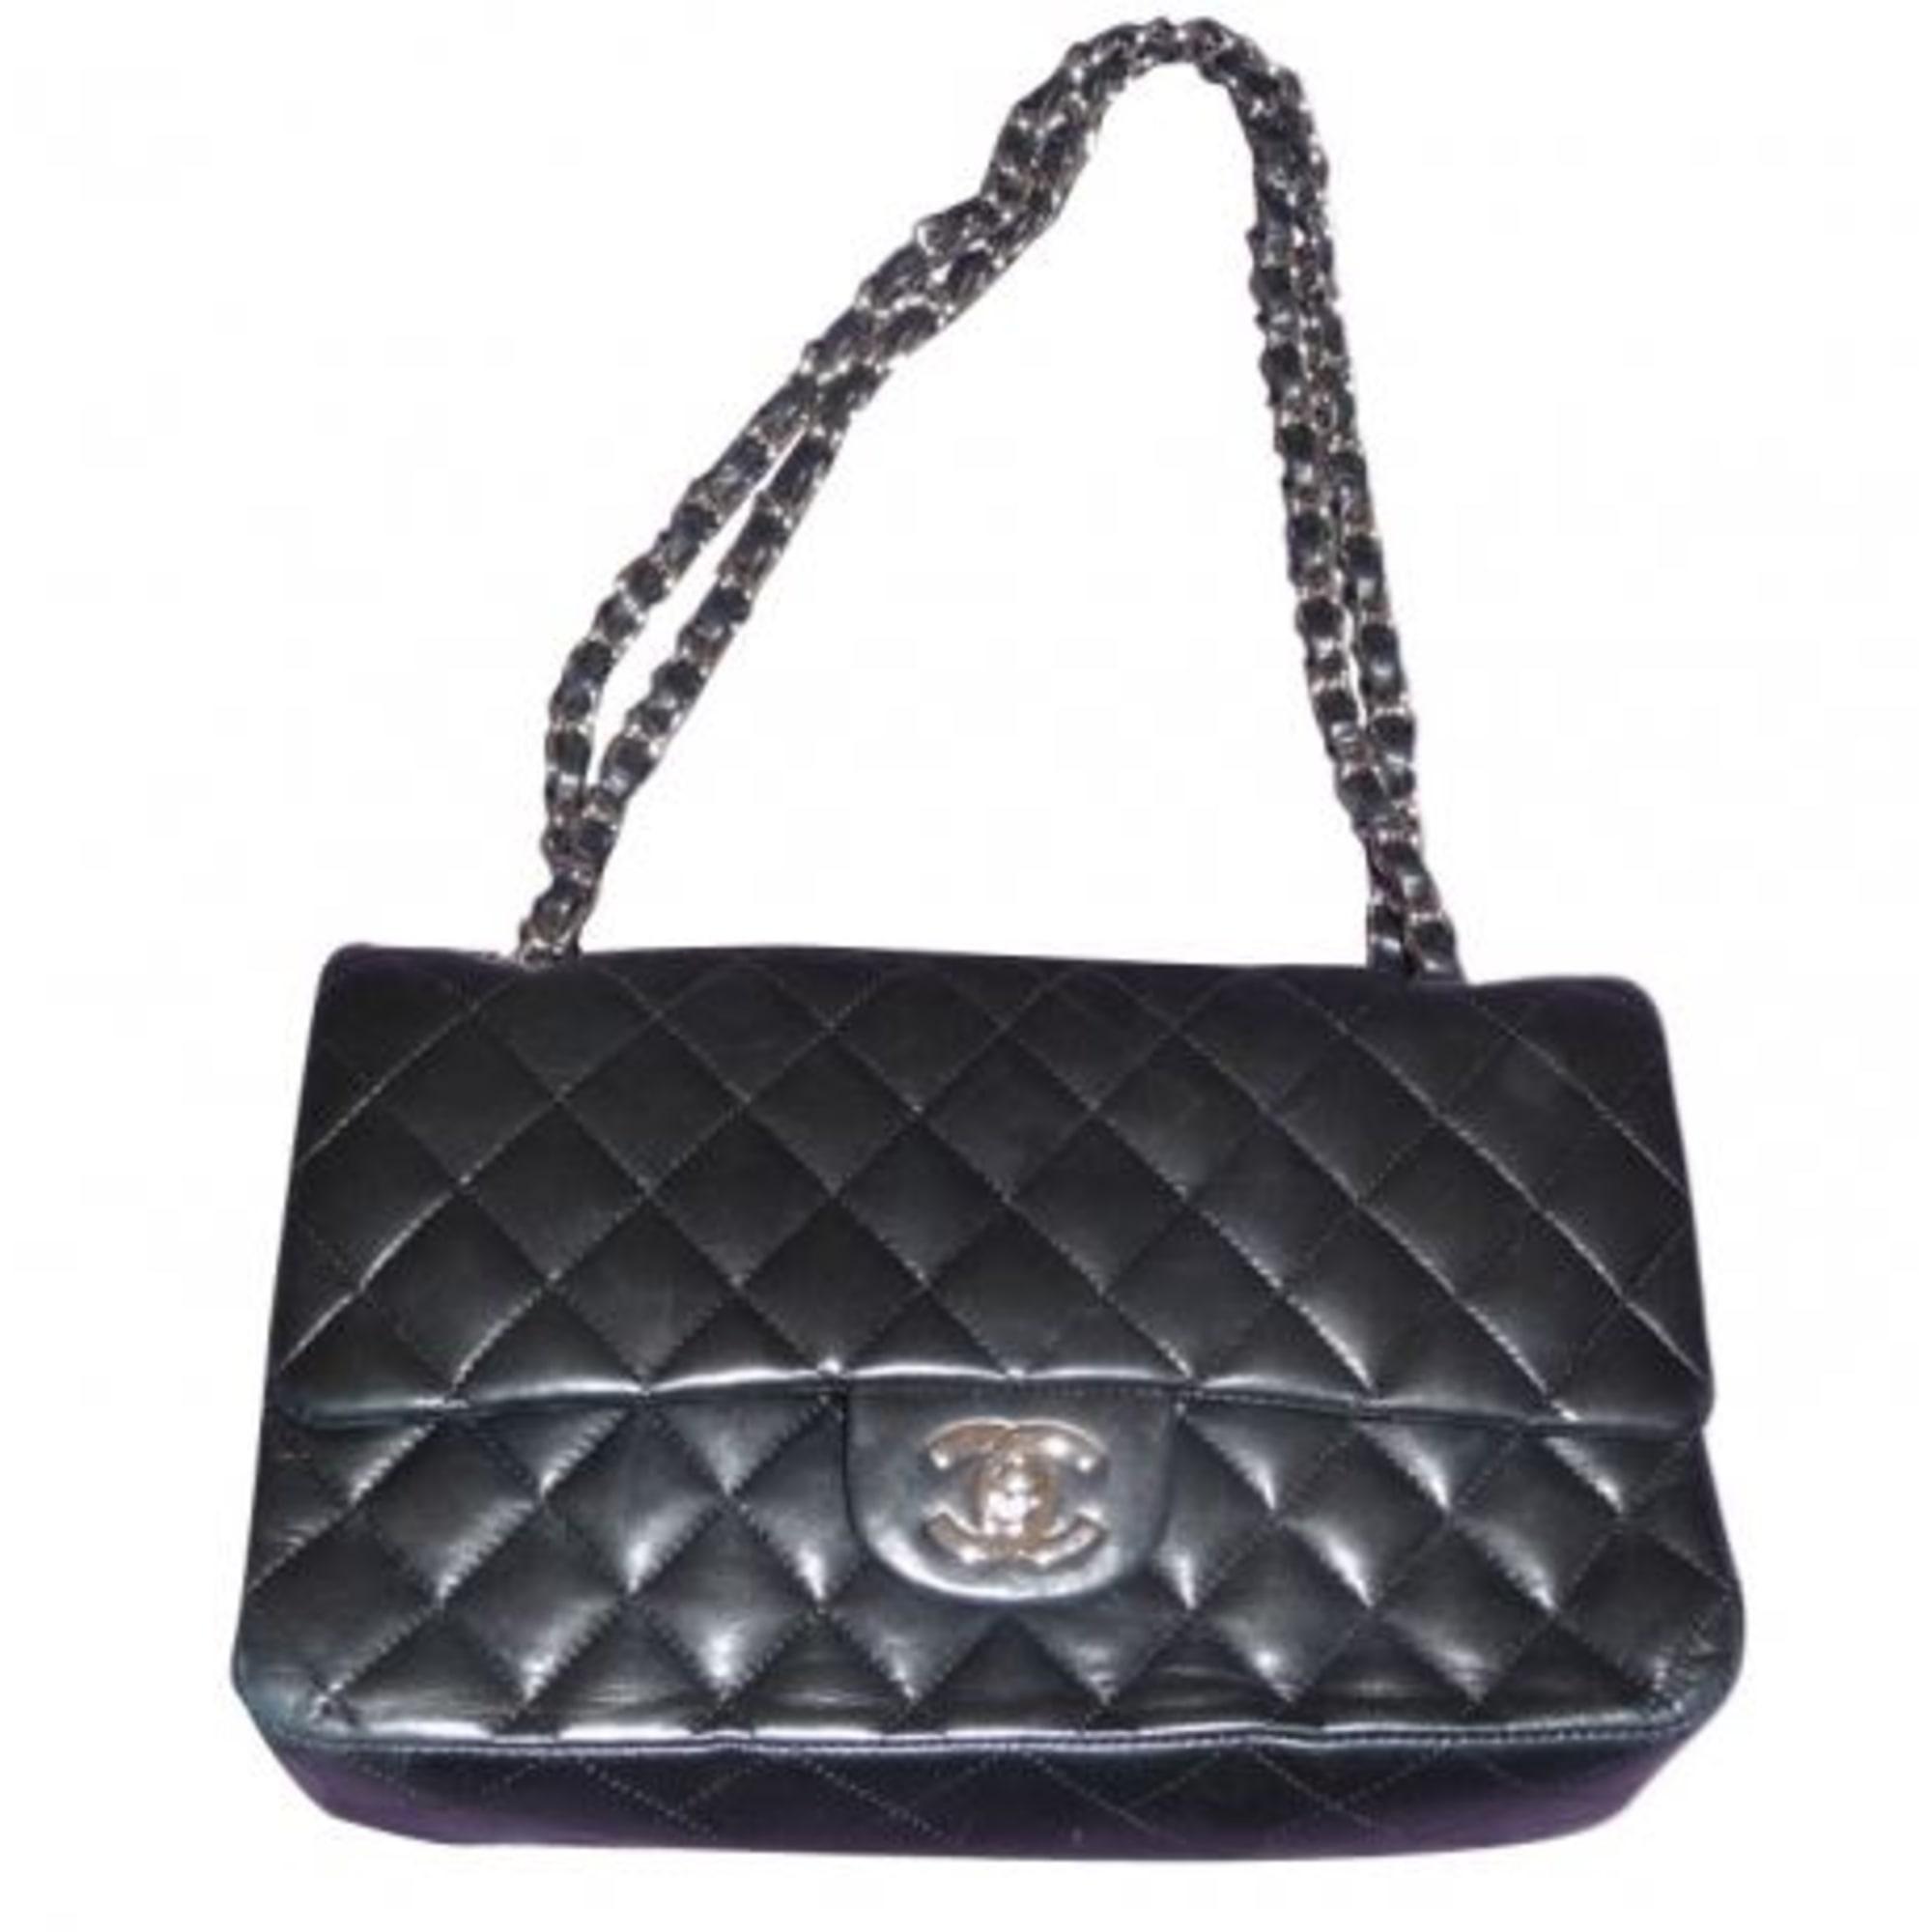 18f6e67b7f5 Sac à main en cuir CHANEL noir vendu par Boutique luxe - 1749279